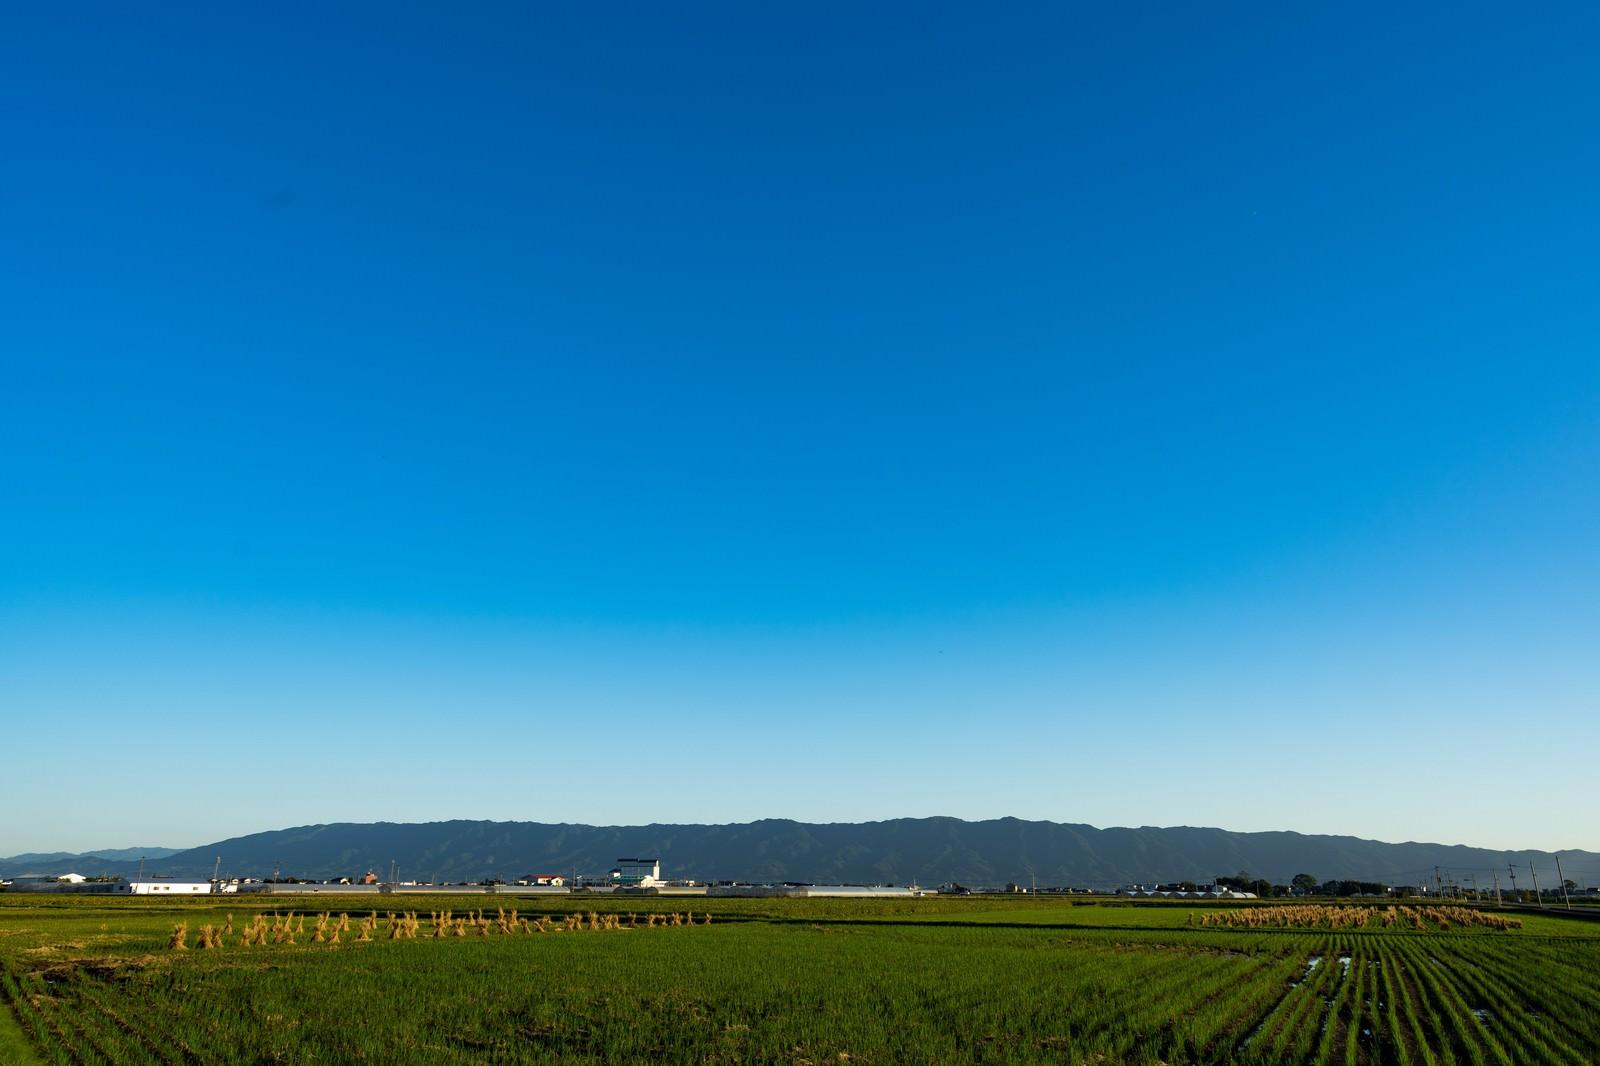 「澄んだ青空と大刀洗の農地筑後平野澄んだ青空と大刀洗の農地筑後平野」のフリー写真素材を拡大